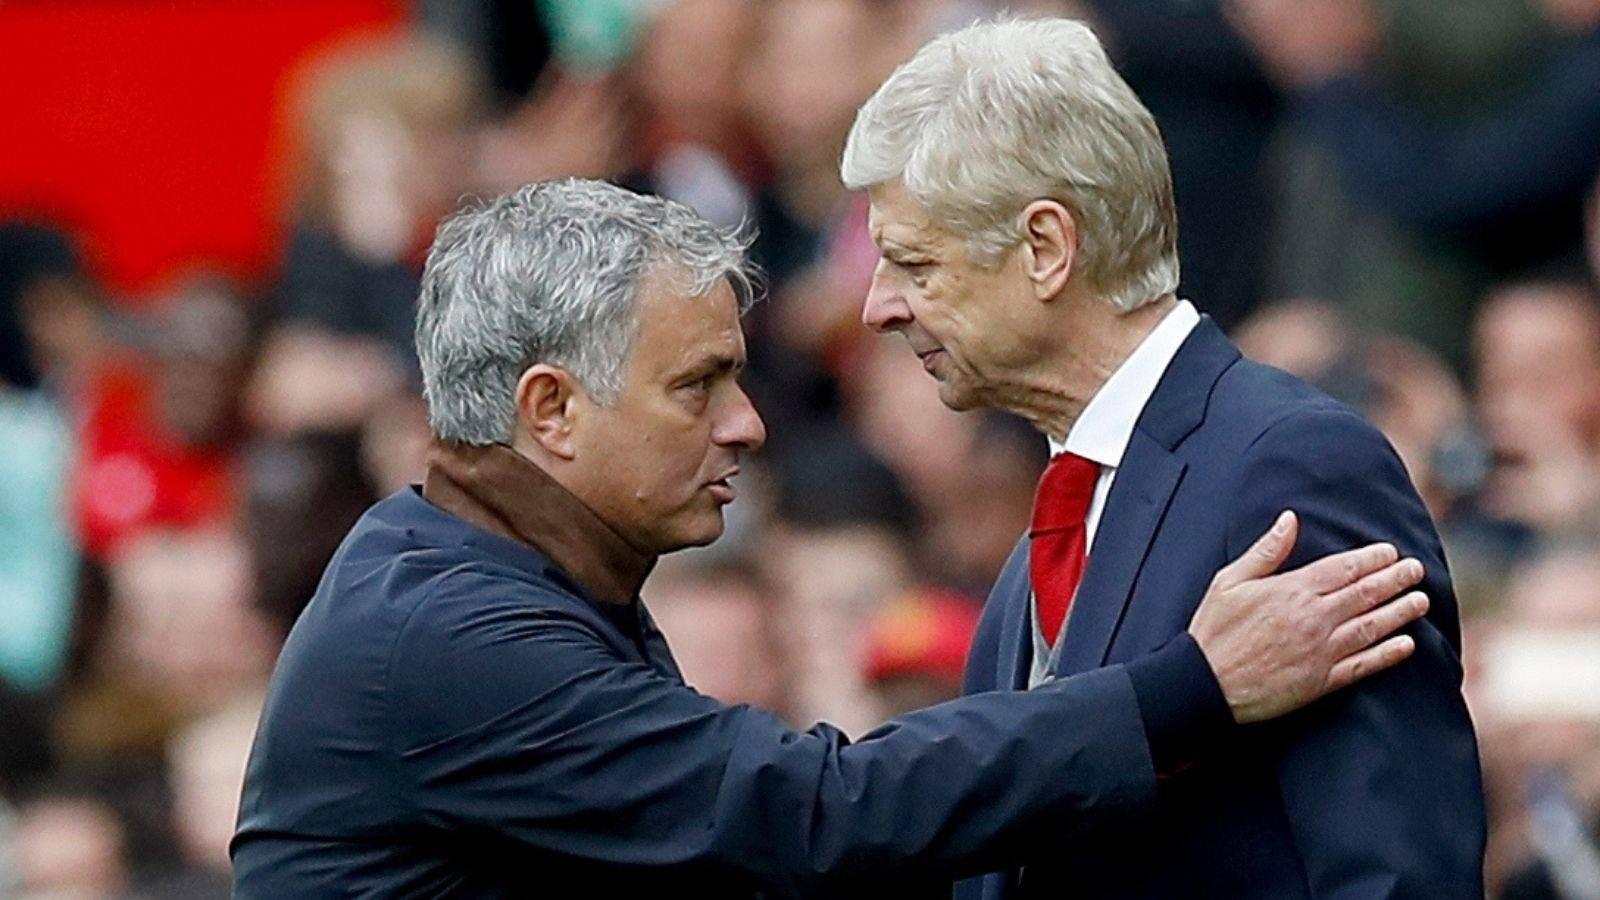 Zakačili se Wenger i Mou: On provocira! Kao da sam u crtiću